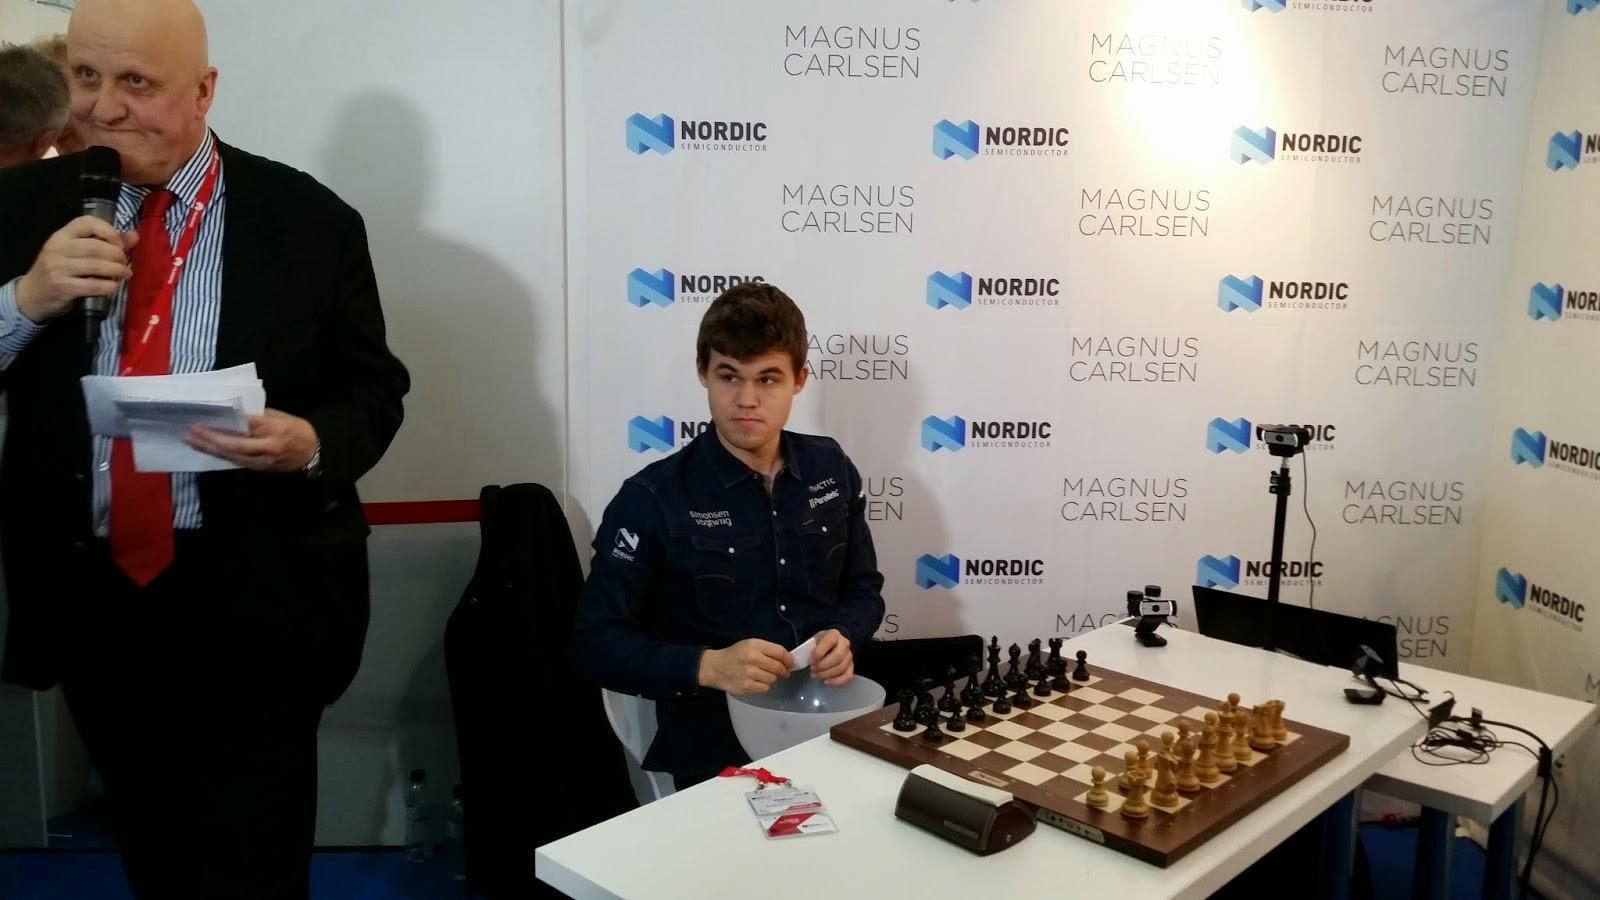 Magnus Carlsen en el Mobile World Congres 2015